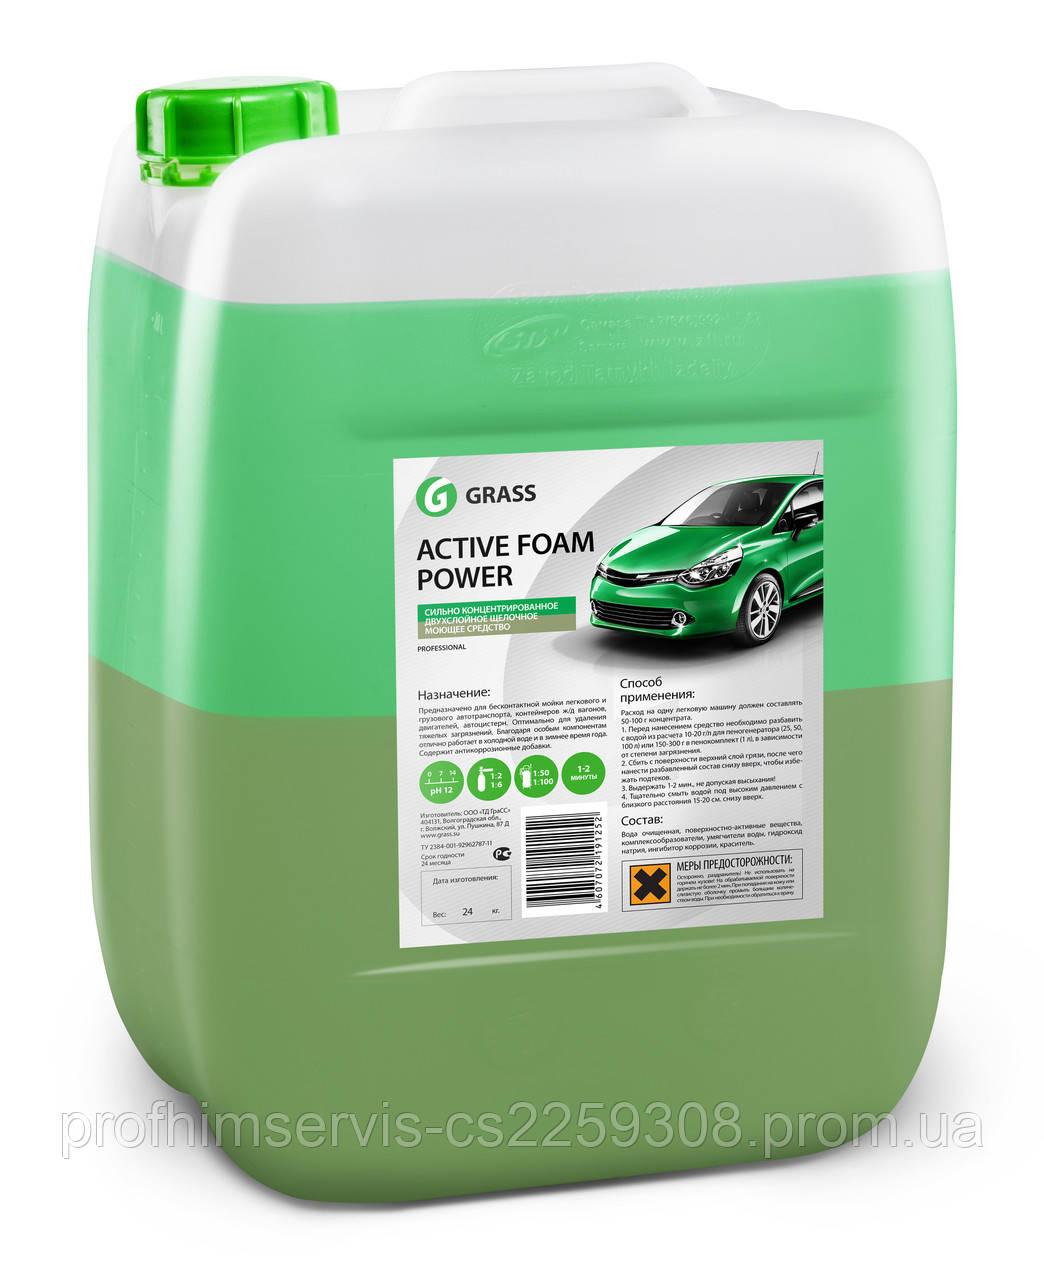 GRASS Авто шампунь для бесконтактной Active Foam Power 23 kg.